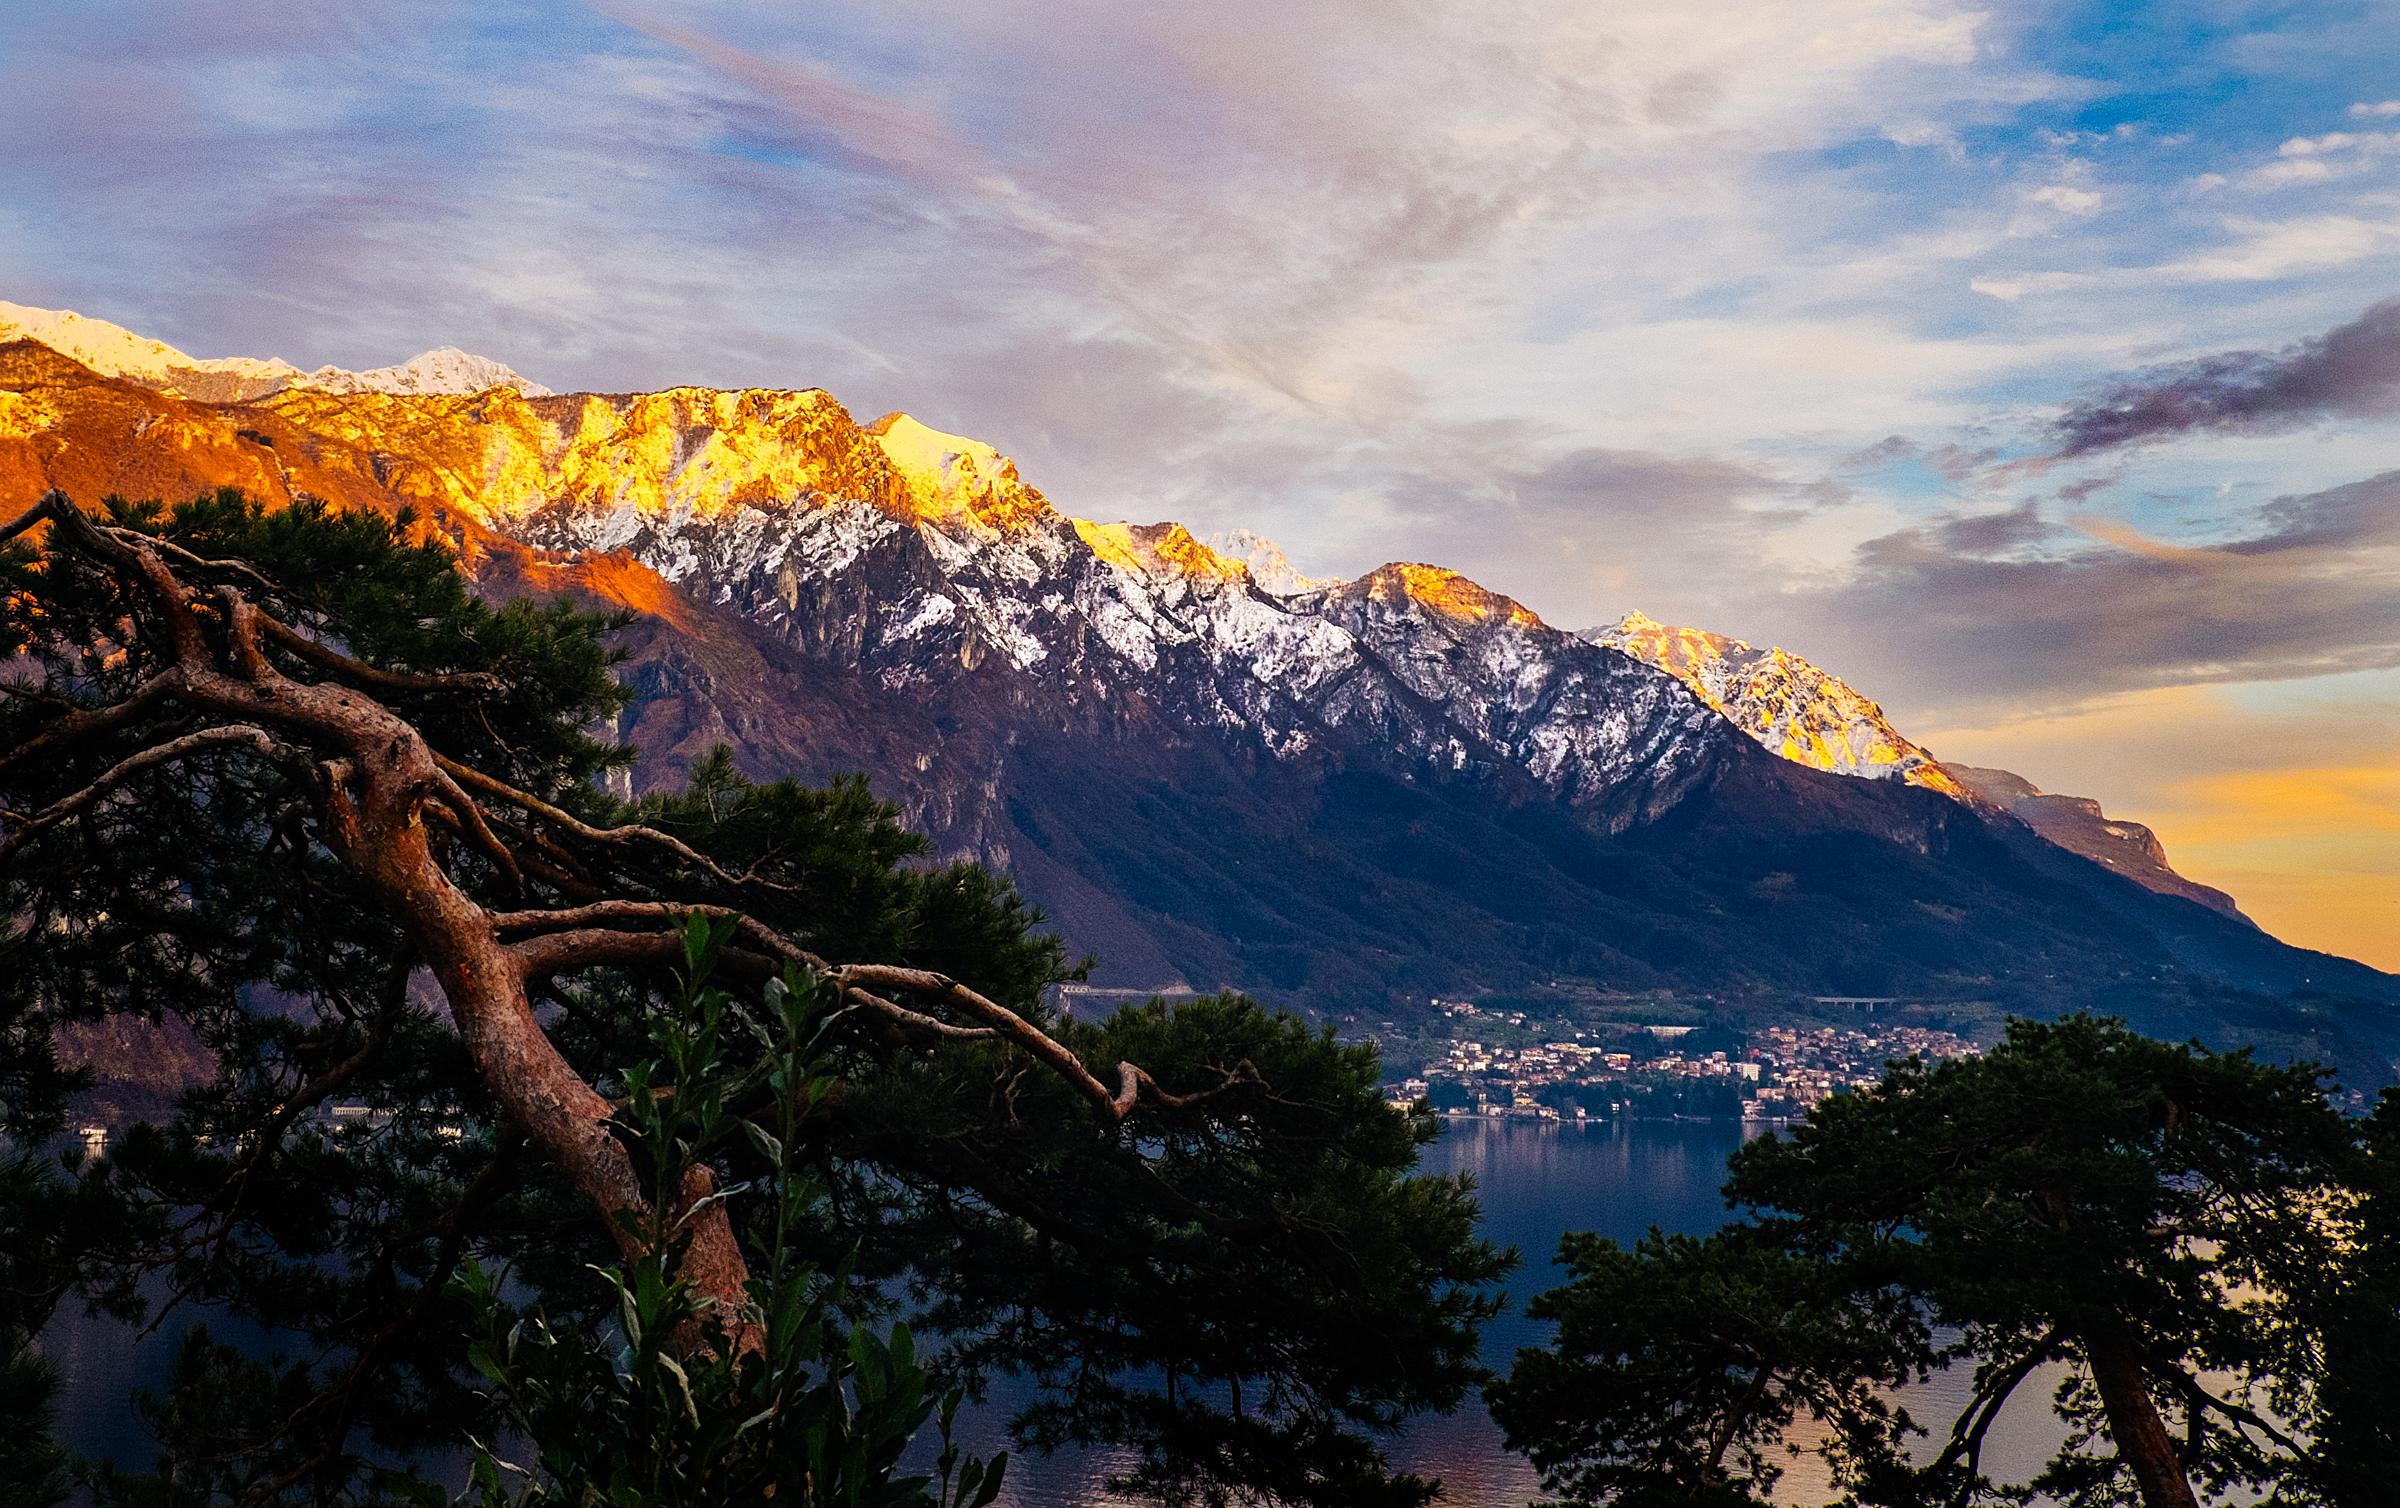 The town of Menaggio, Italy peeks through cypress trees on Lake Como.